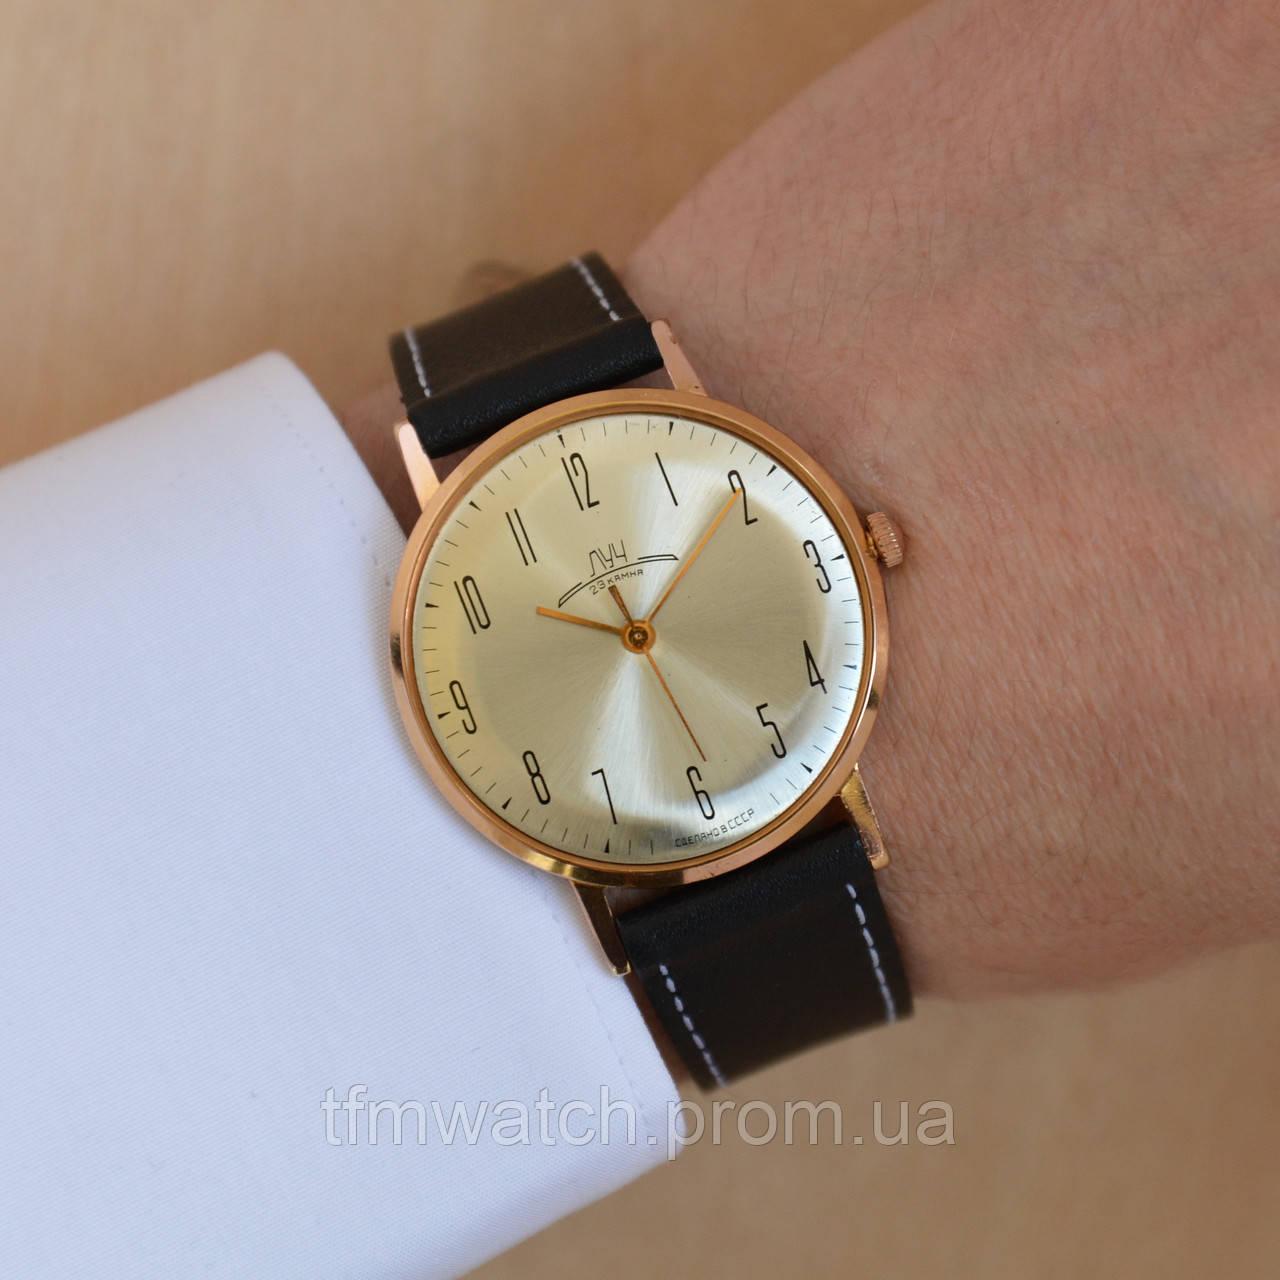 23 стоимость часы камня луч quamer стоимость часы